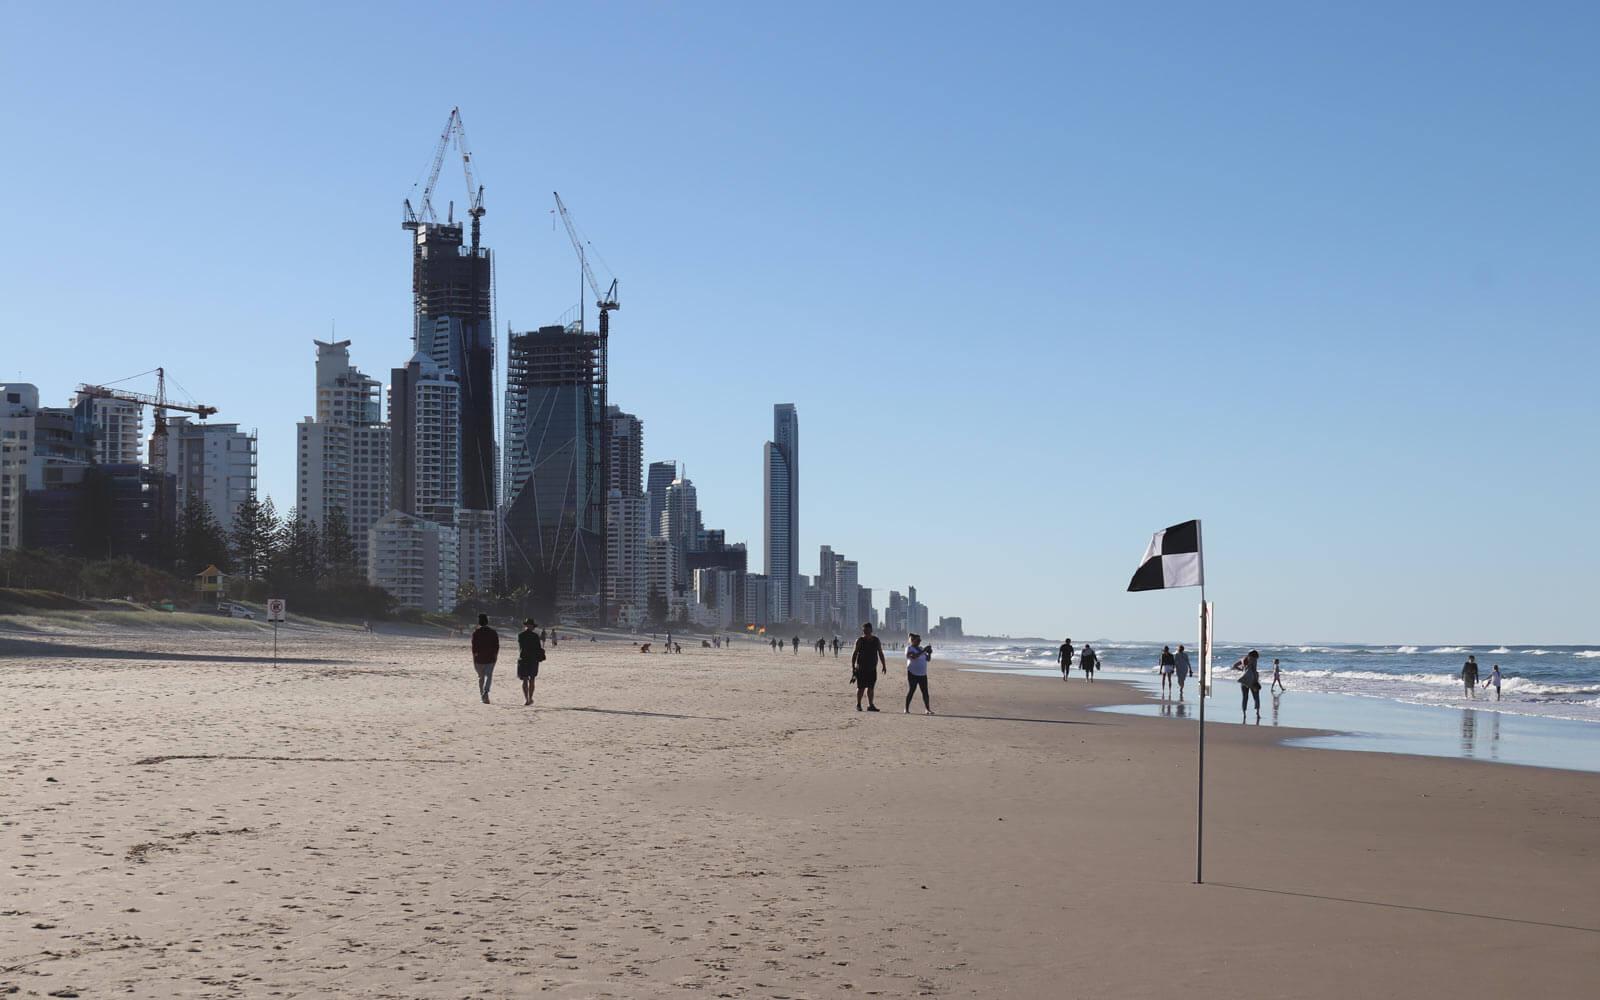 Schüleraustausch Australien: Blick auf die Skyline der Gold Coast